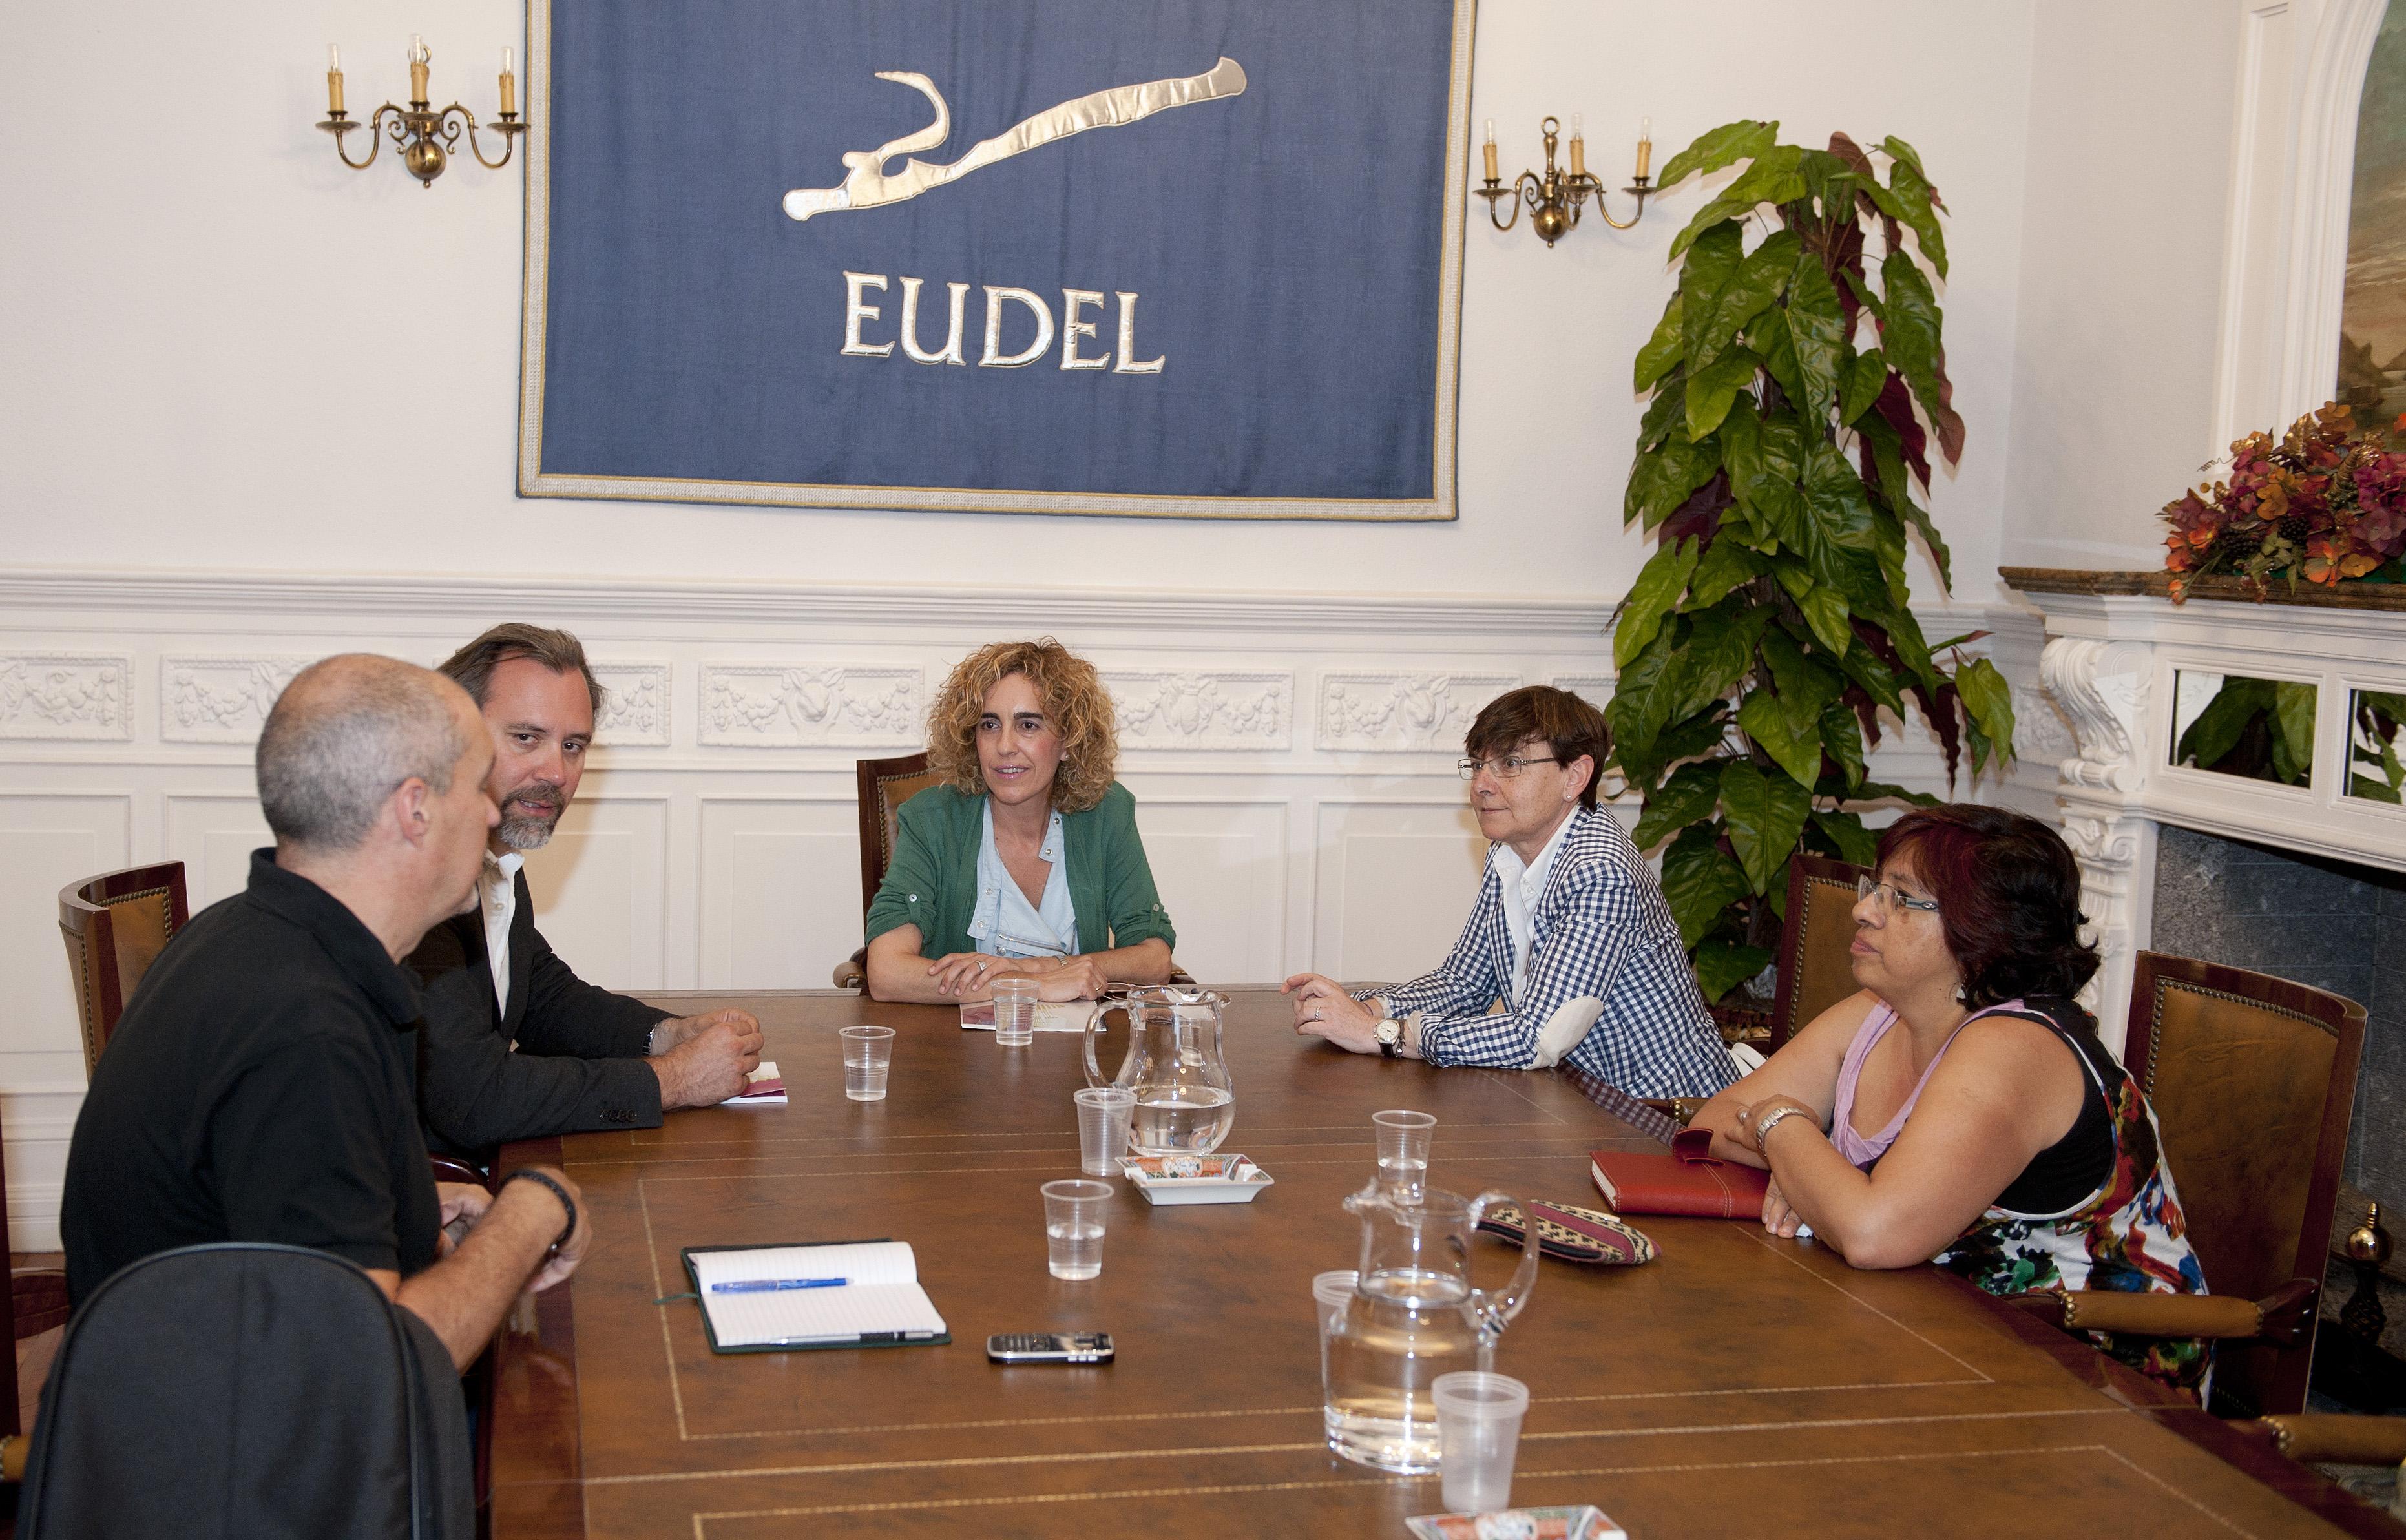 2012_07_16_zabaleta_eudel_pacto_social_02.jpg